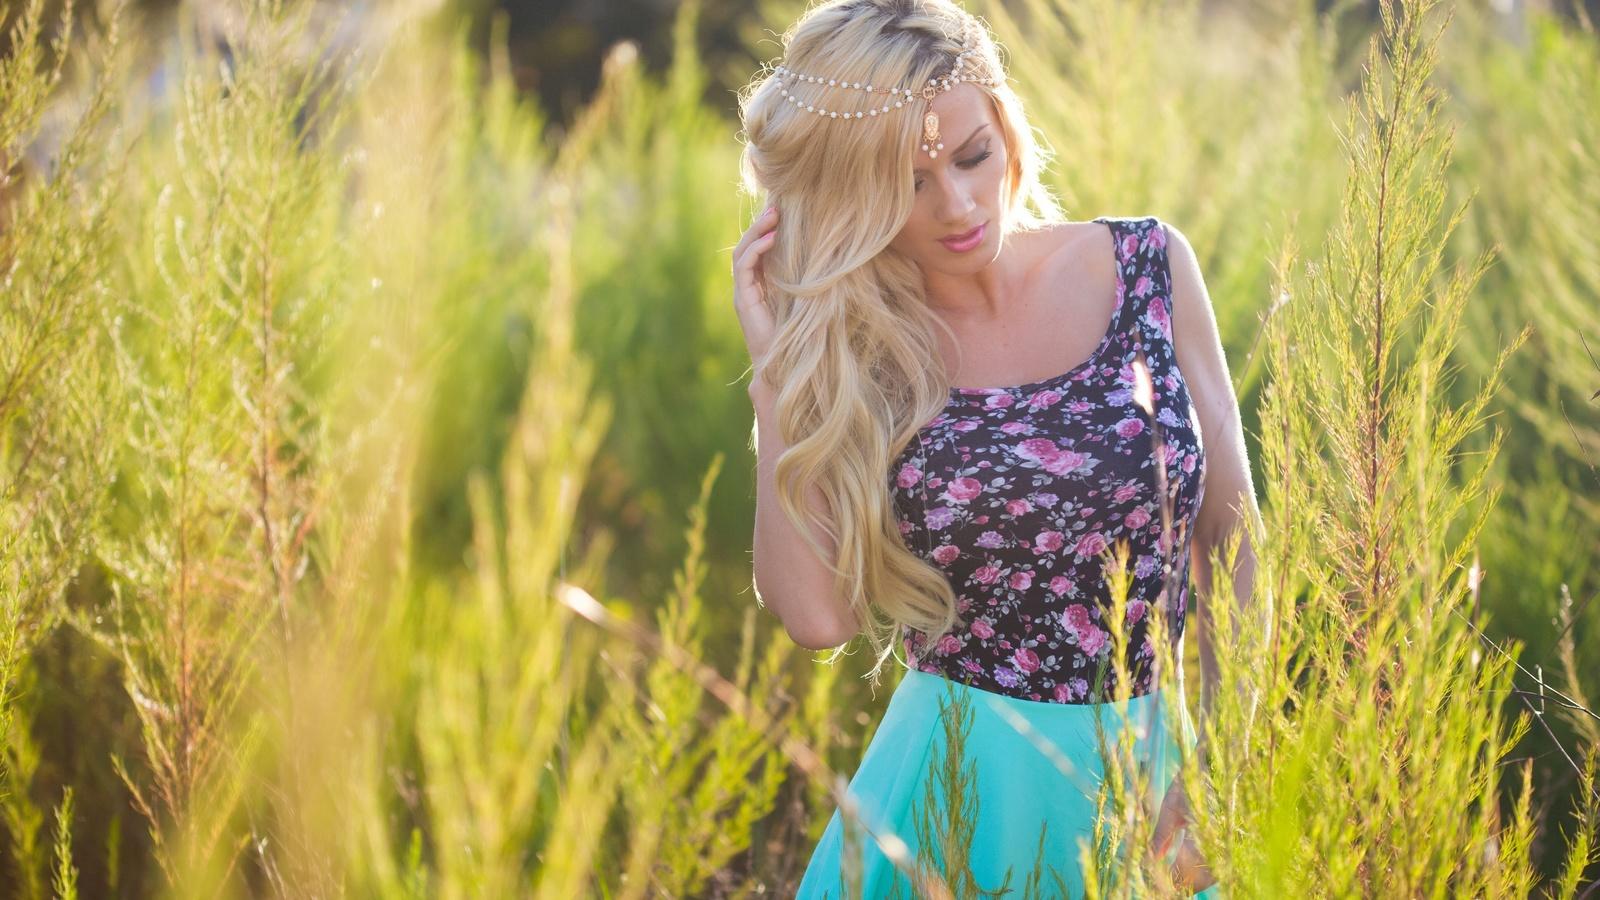 aida ridic, девушка, блондинка, макро, фото, природа, красива